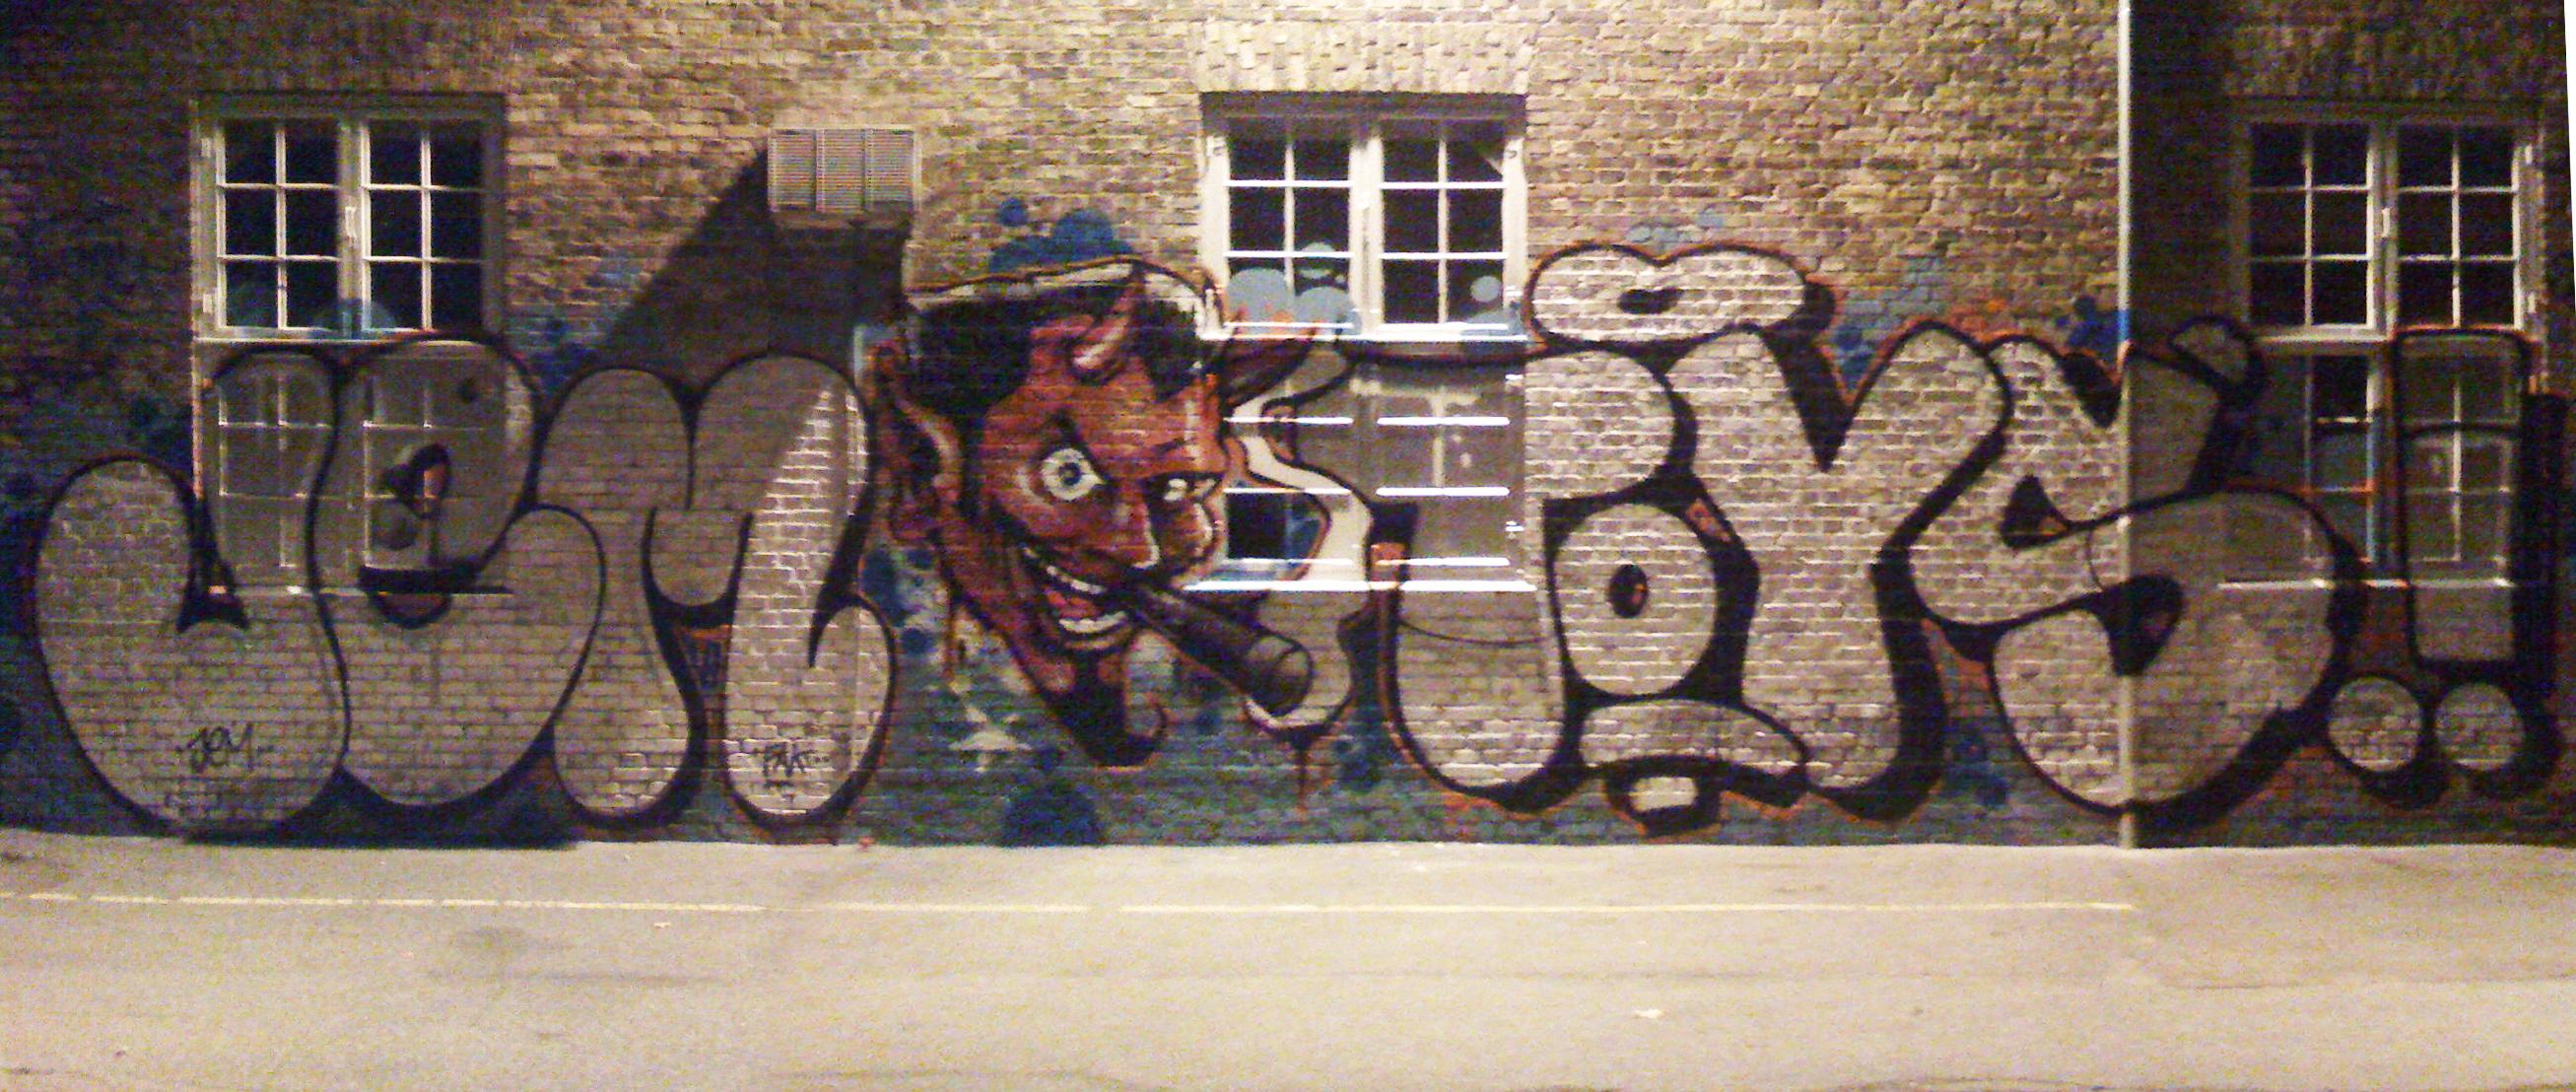 Jem_Toys_nørrebro2009